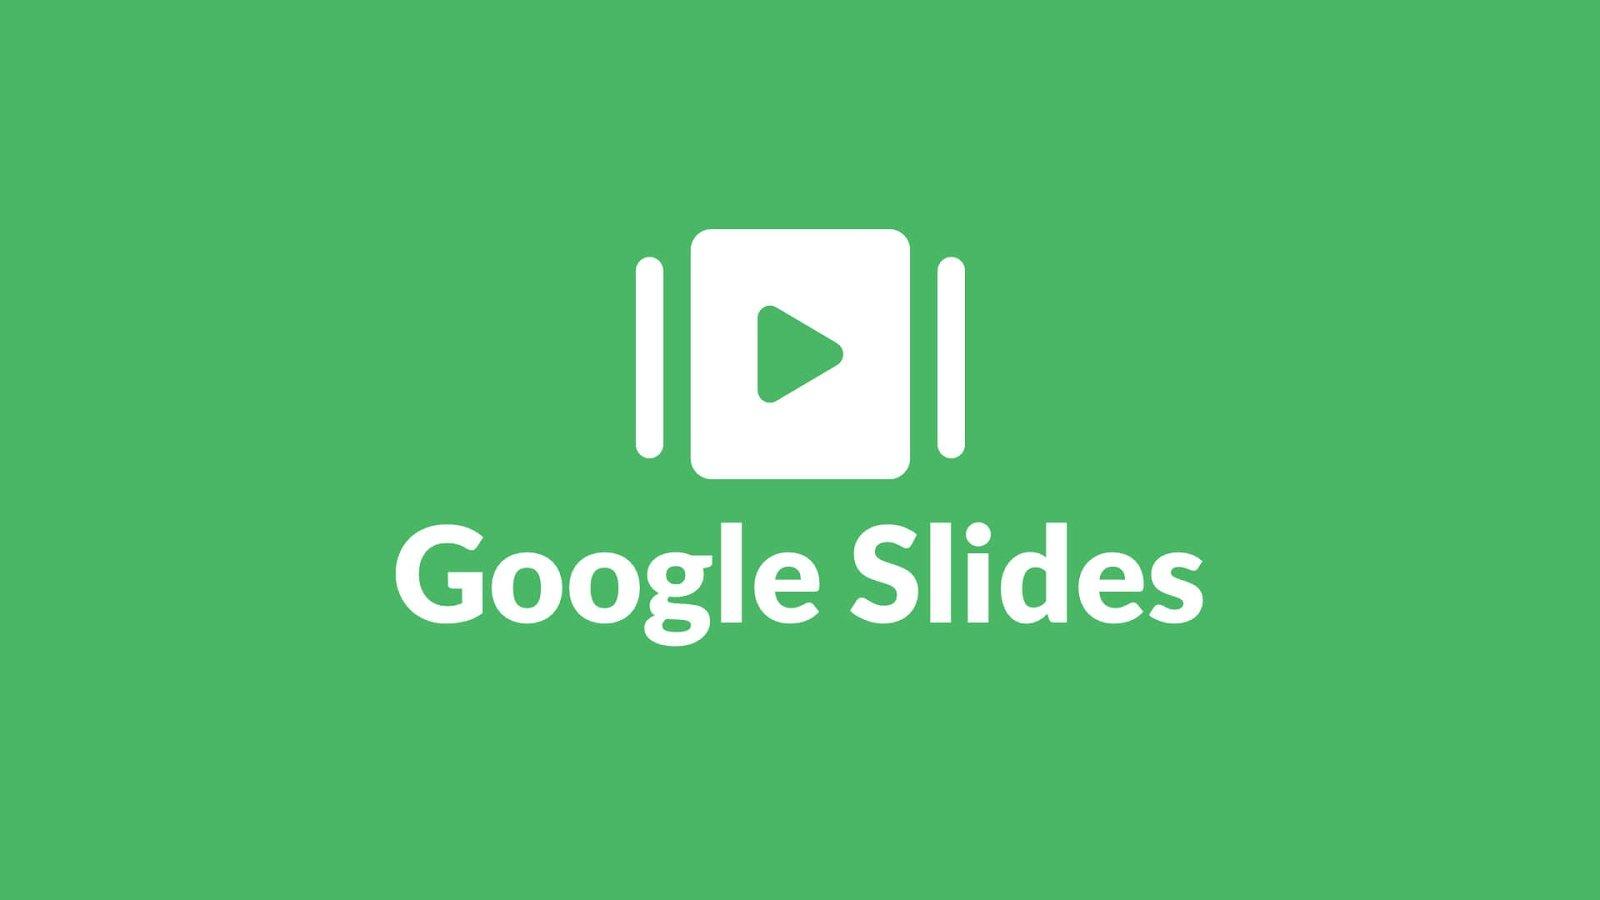 full screen Google Slides template